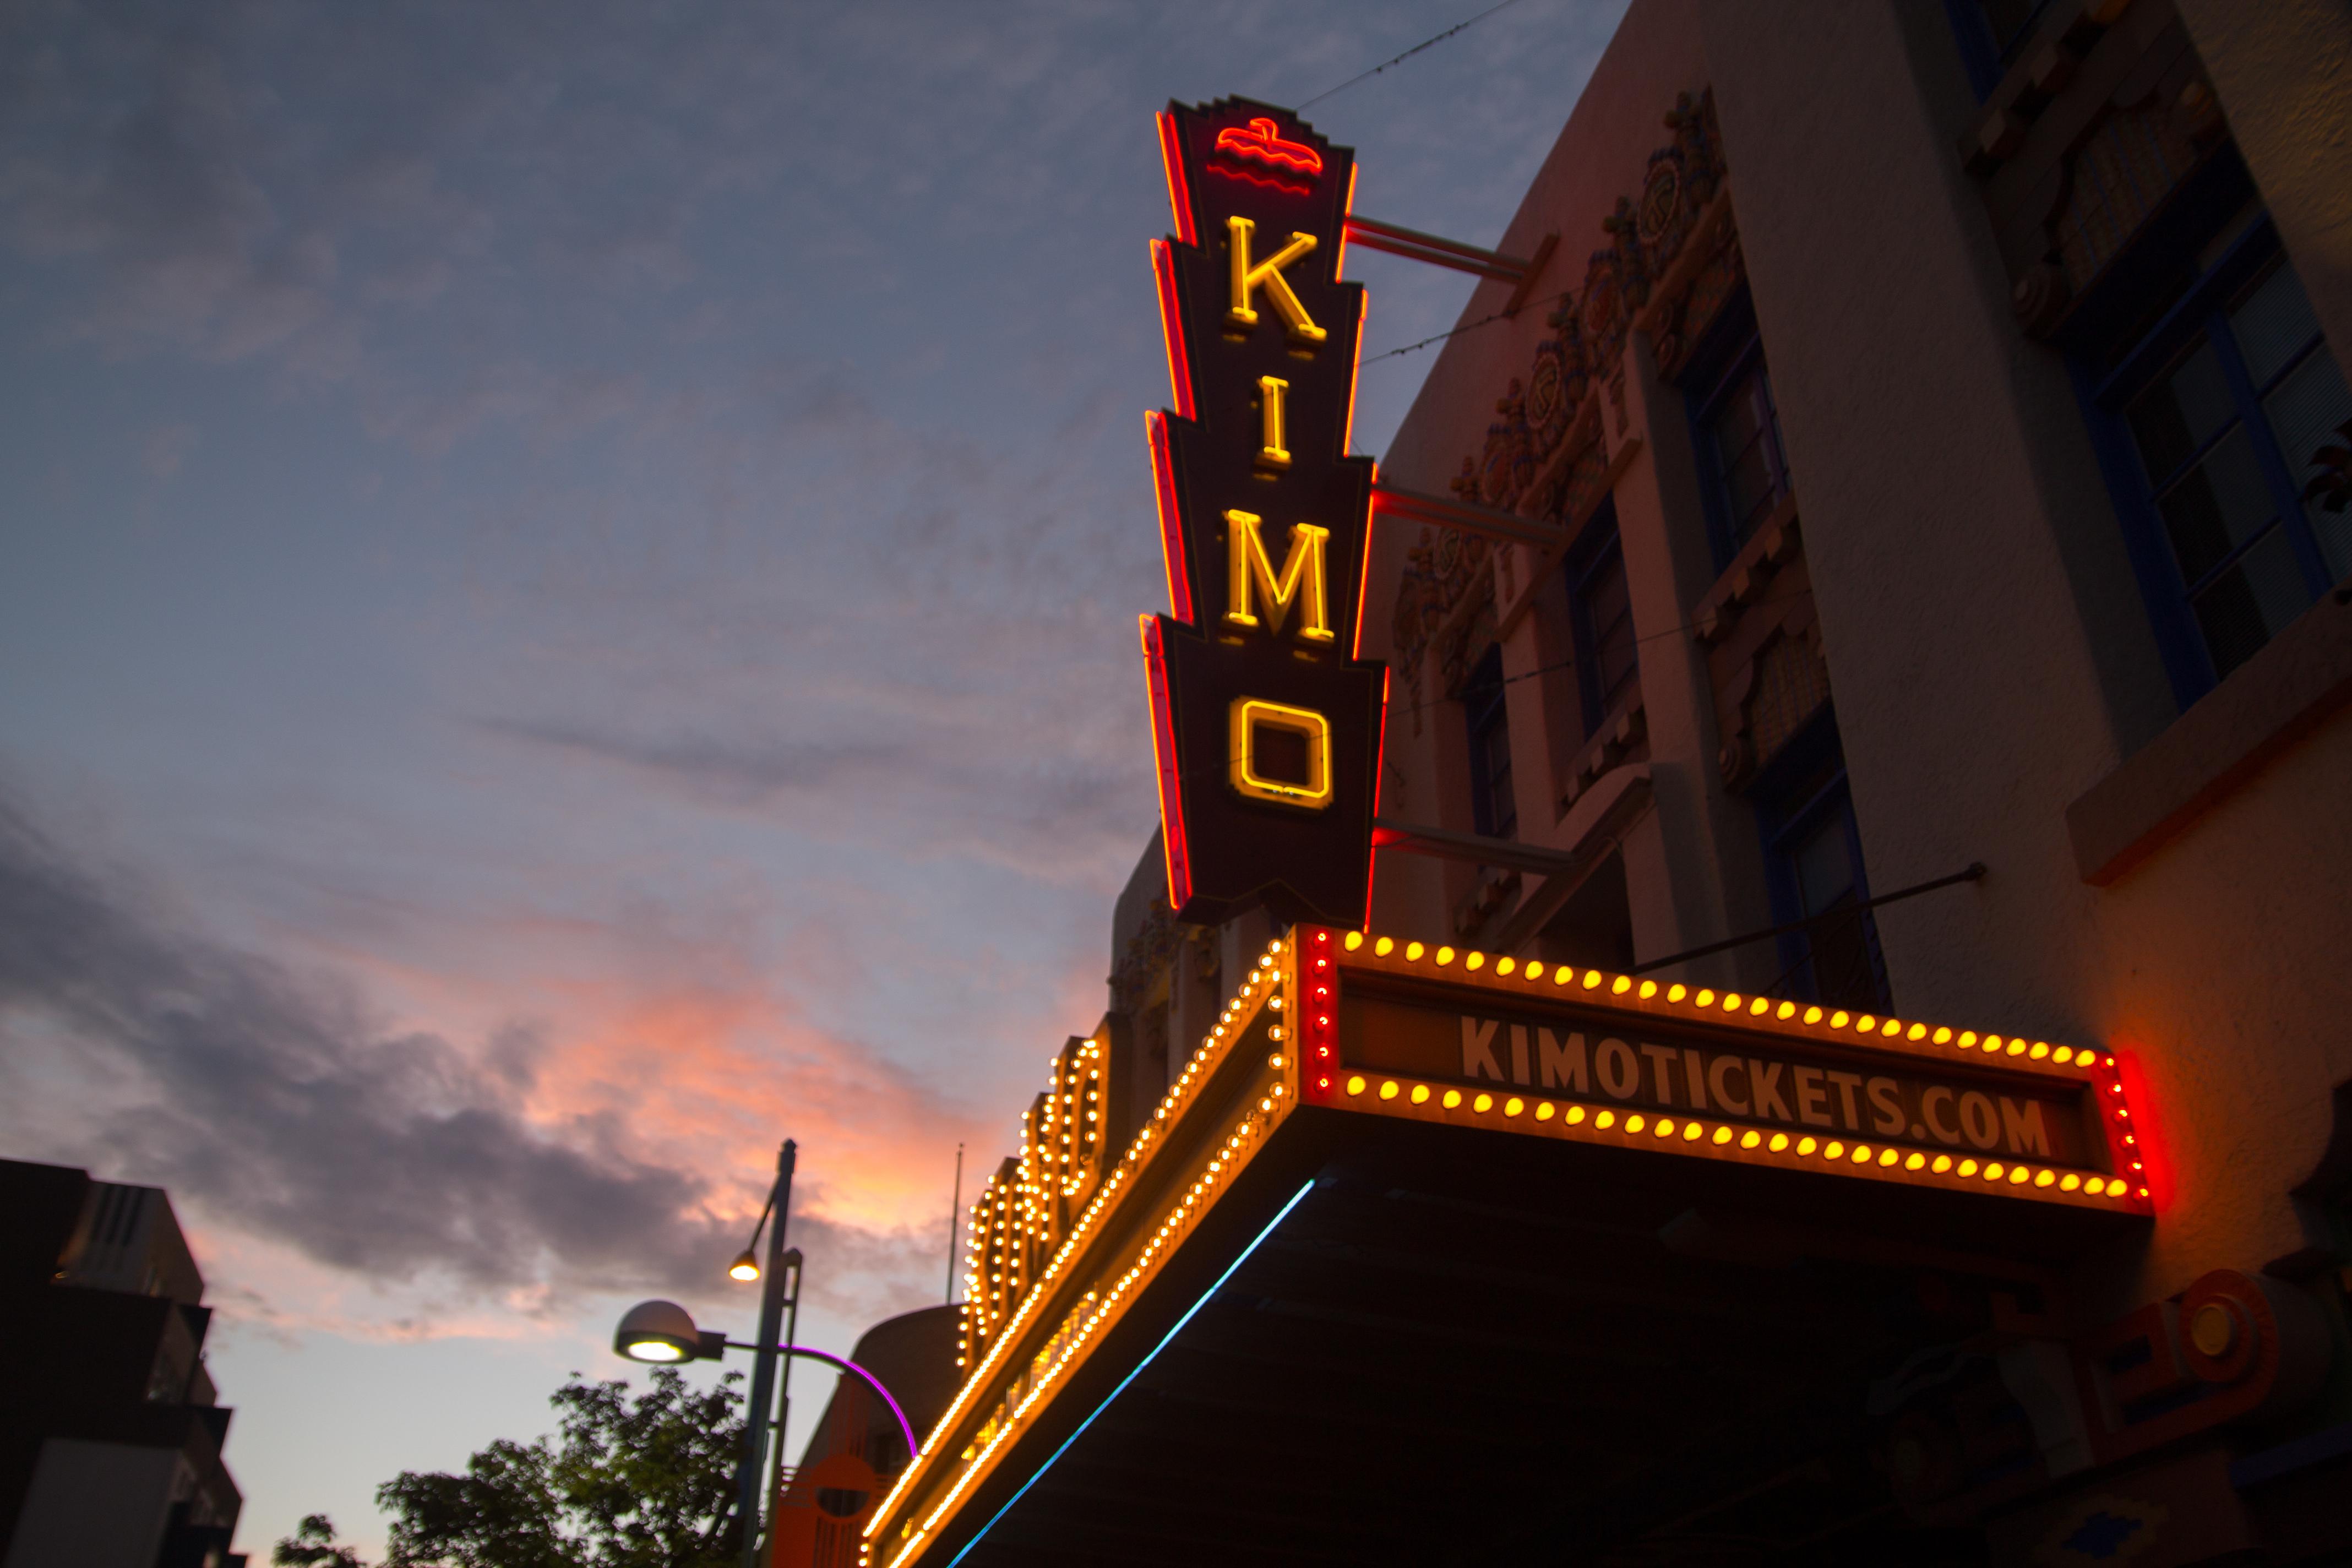 KiMo Theatre - neon sign